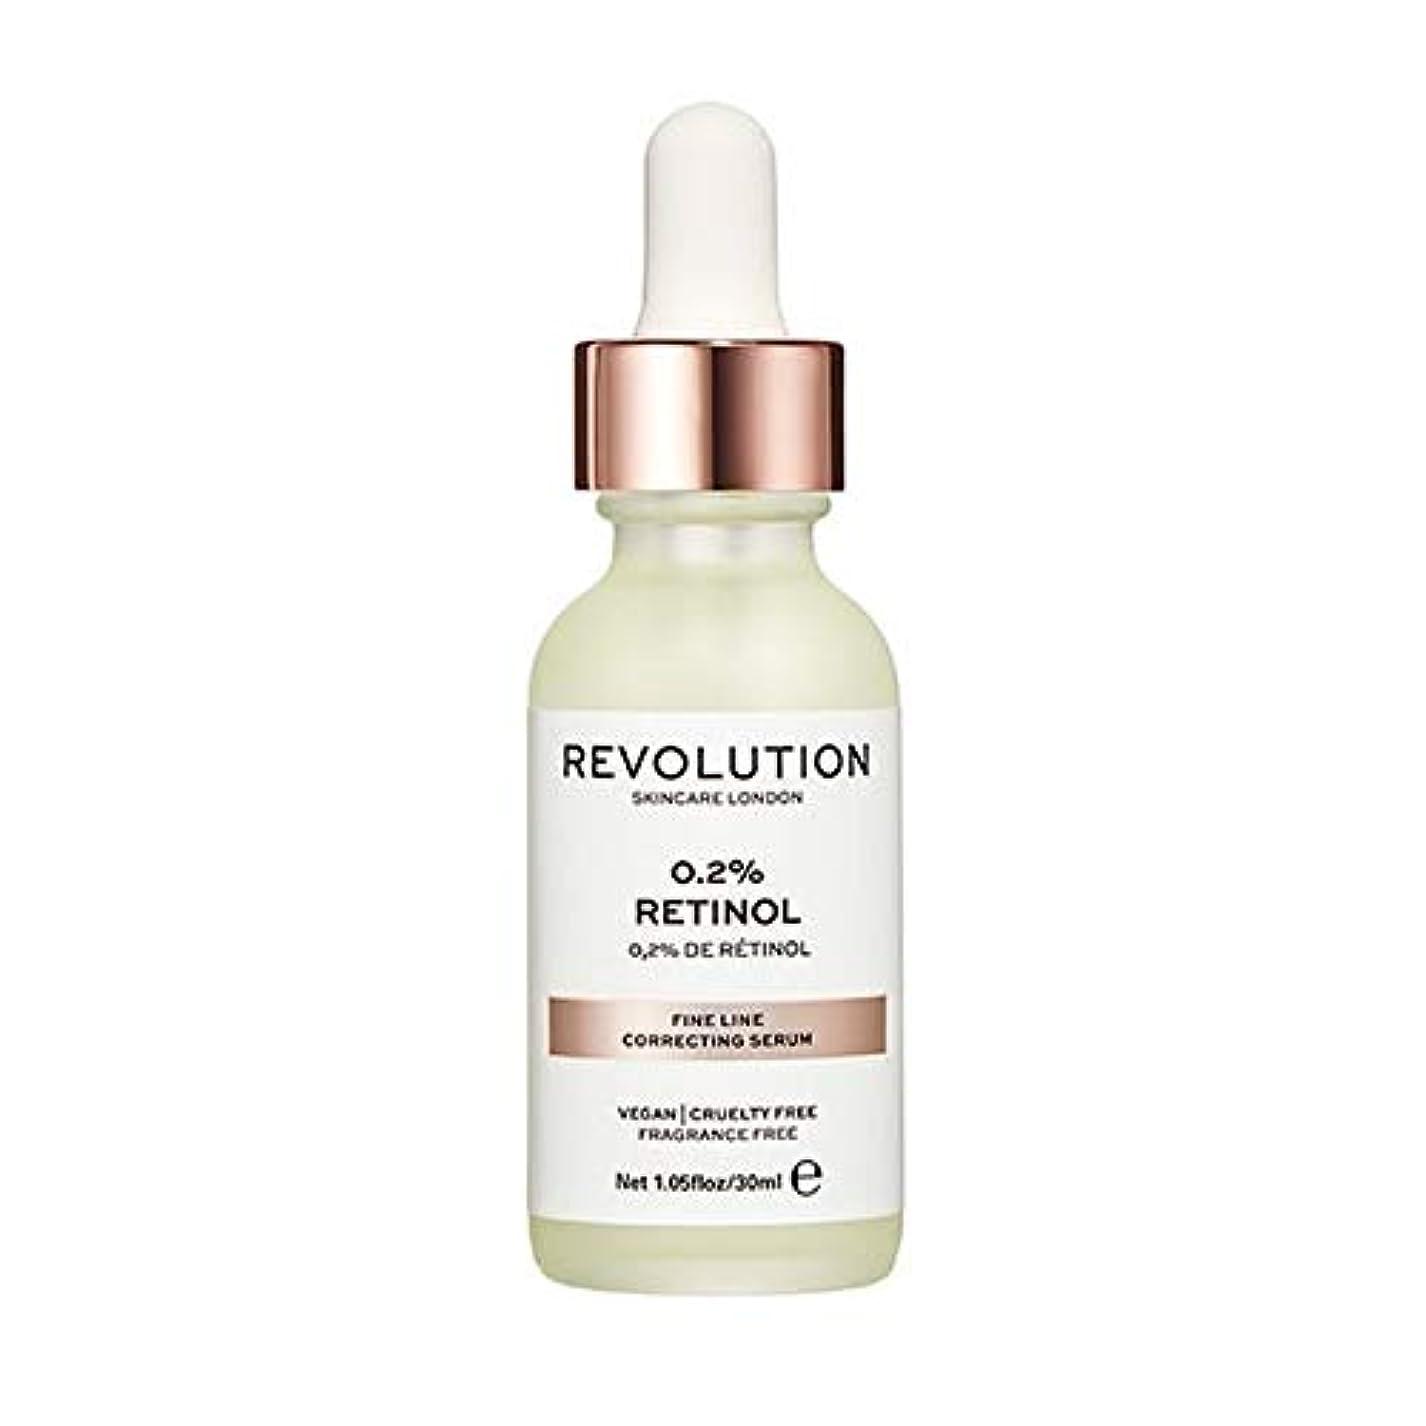 ブローホール確認球体[Revolution] 革命のスキンケア細線補正した血清 - Revolution Skincare Fine Line Correcting Serum [並行輸入品]